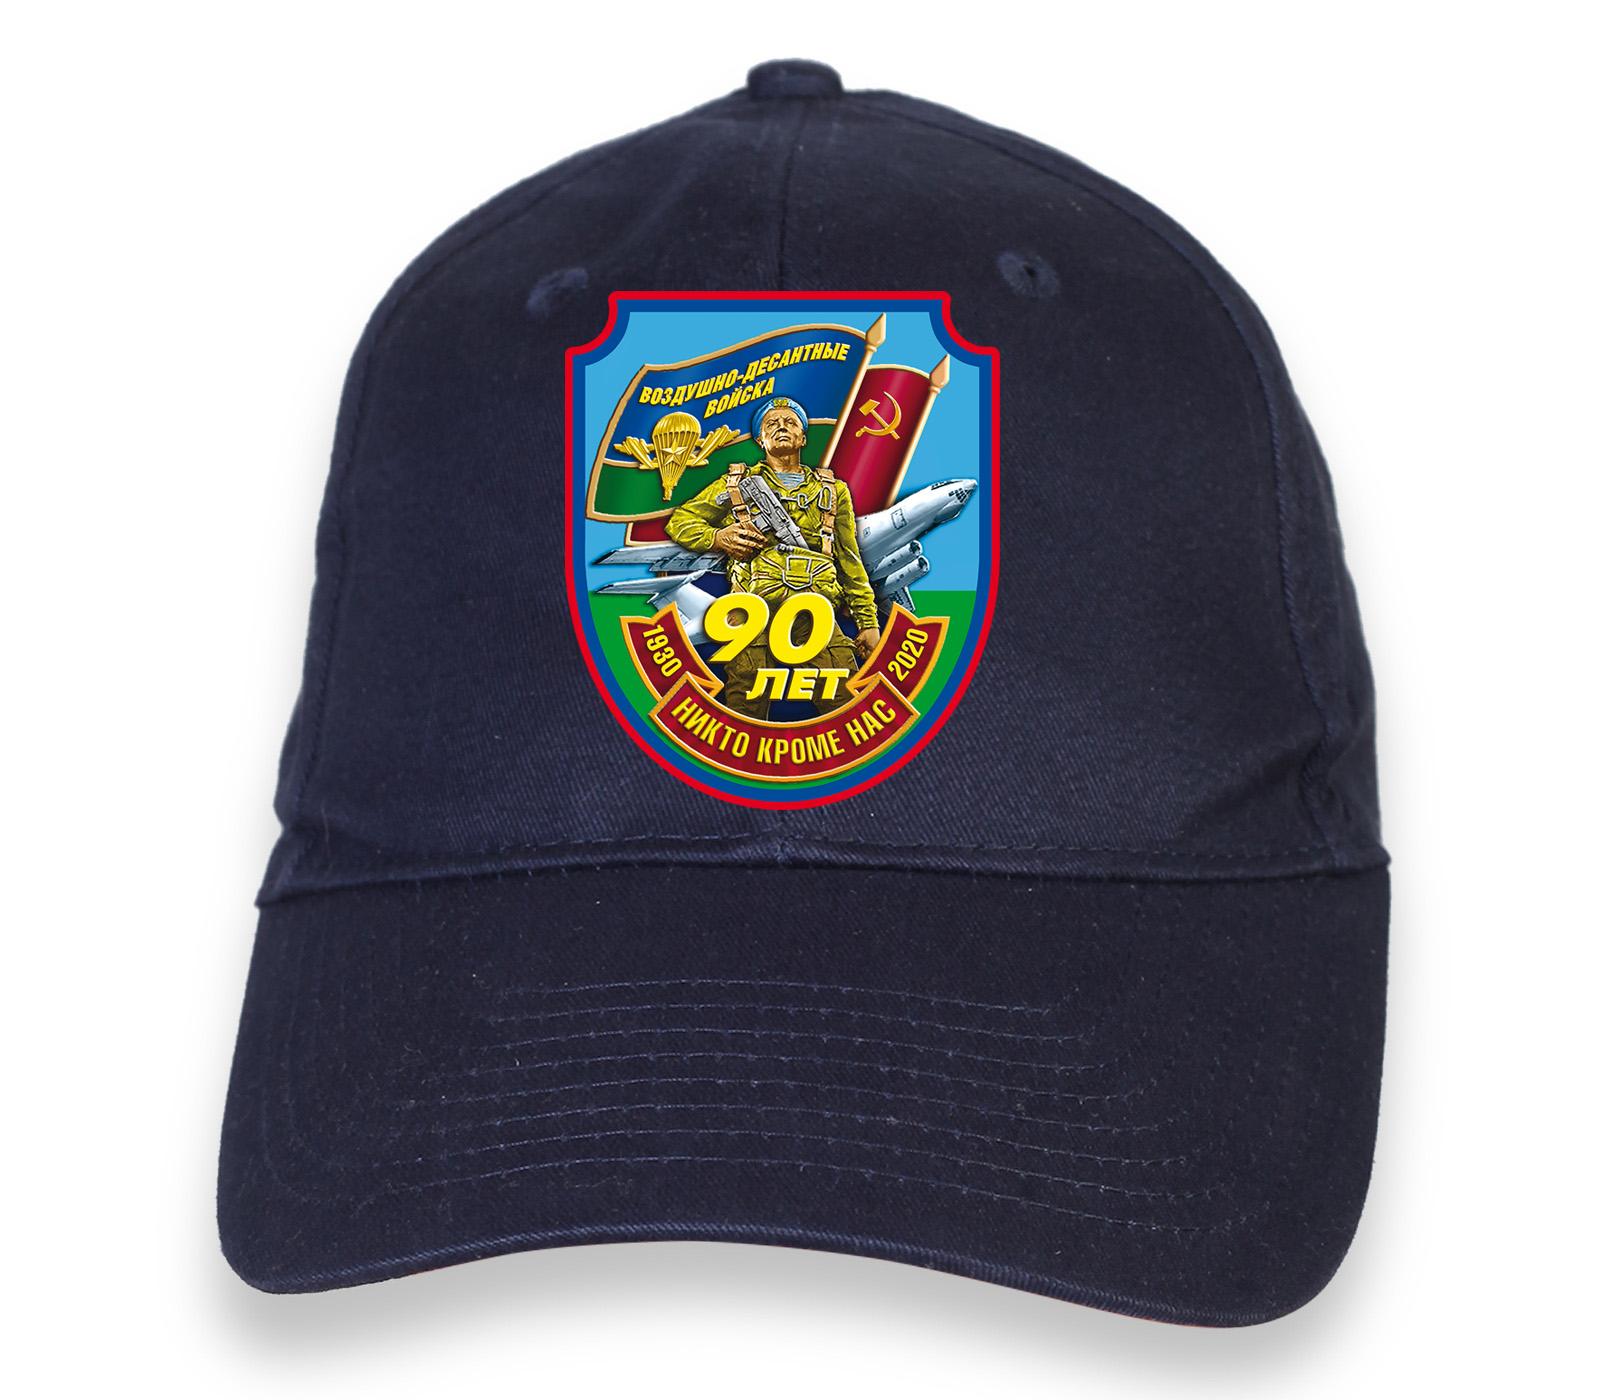 Купить летнюю темно-синюю бейсболку с термонаклейкой 90 лет ВДВ онлайн выгодно